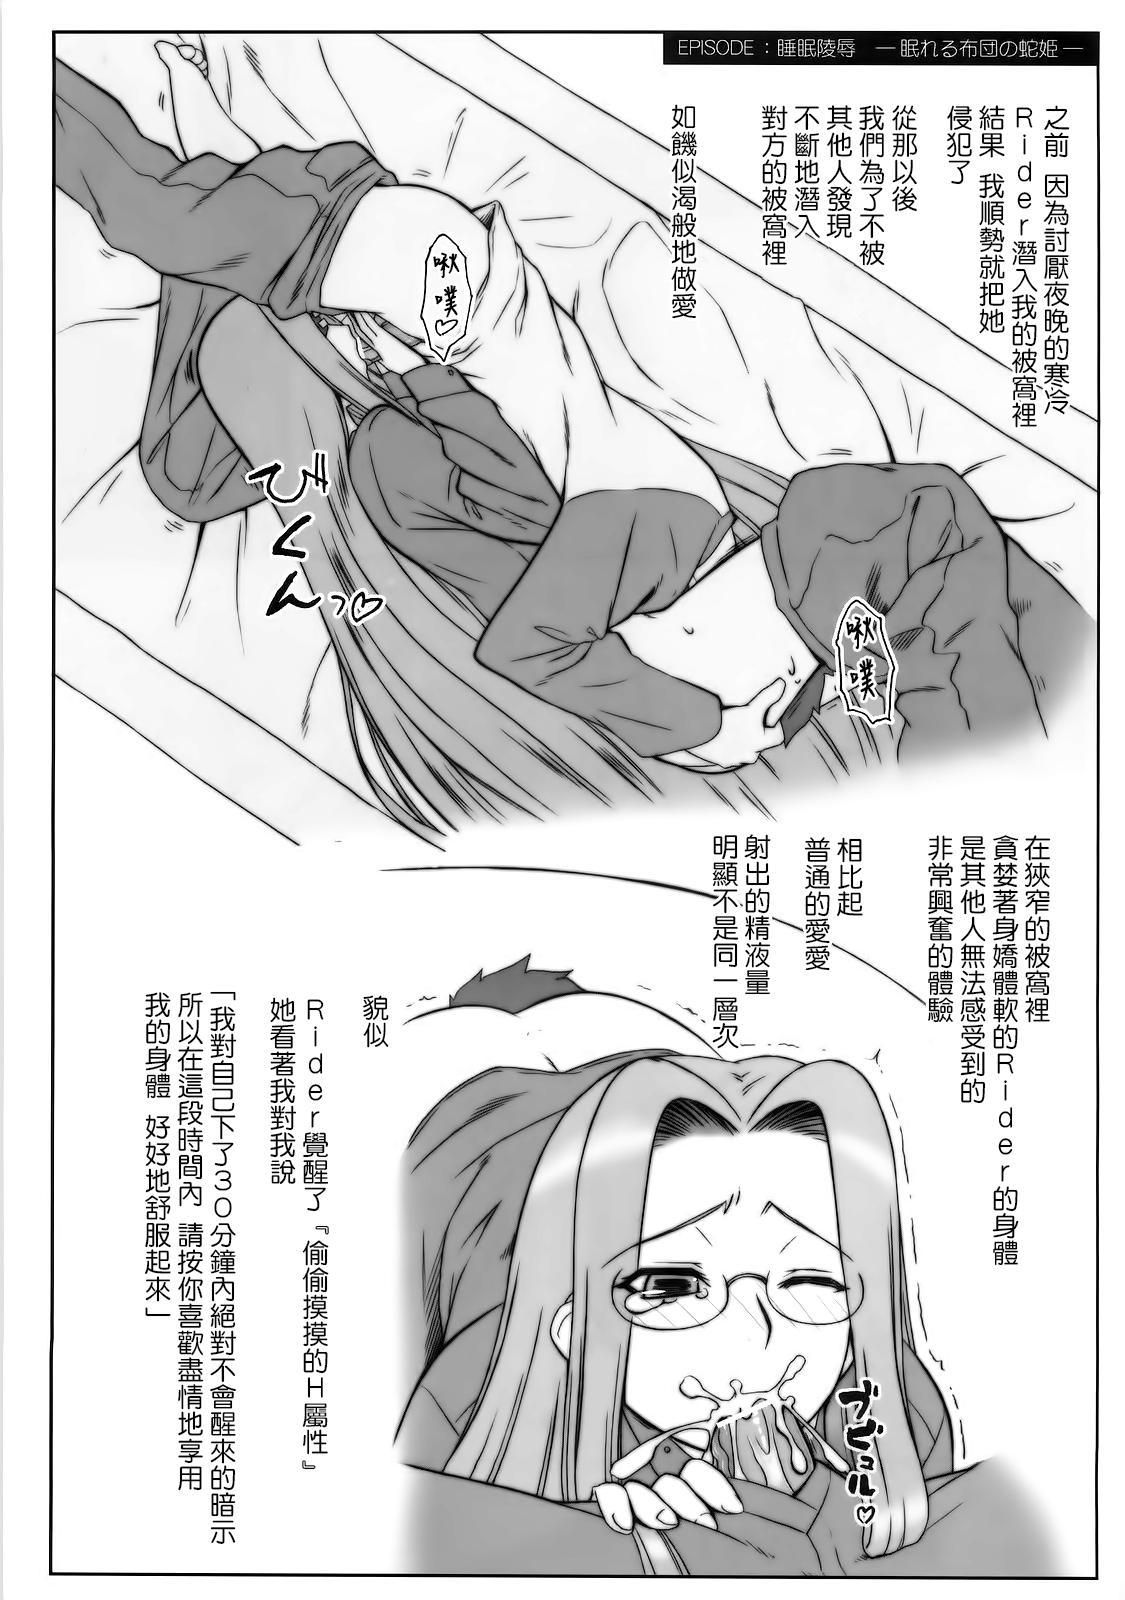 Yappari Rider wa Eroina. 4 Suimein Ryoujoku 18